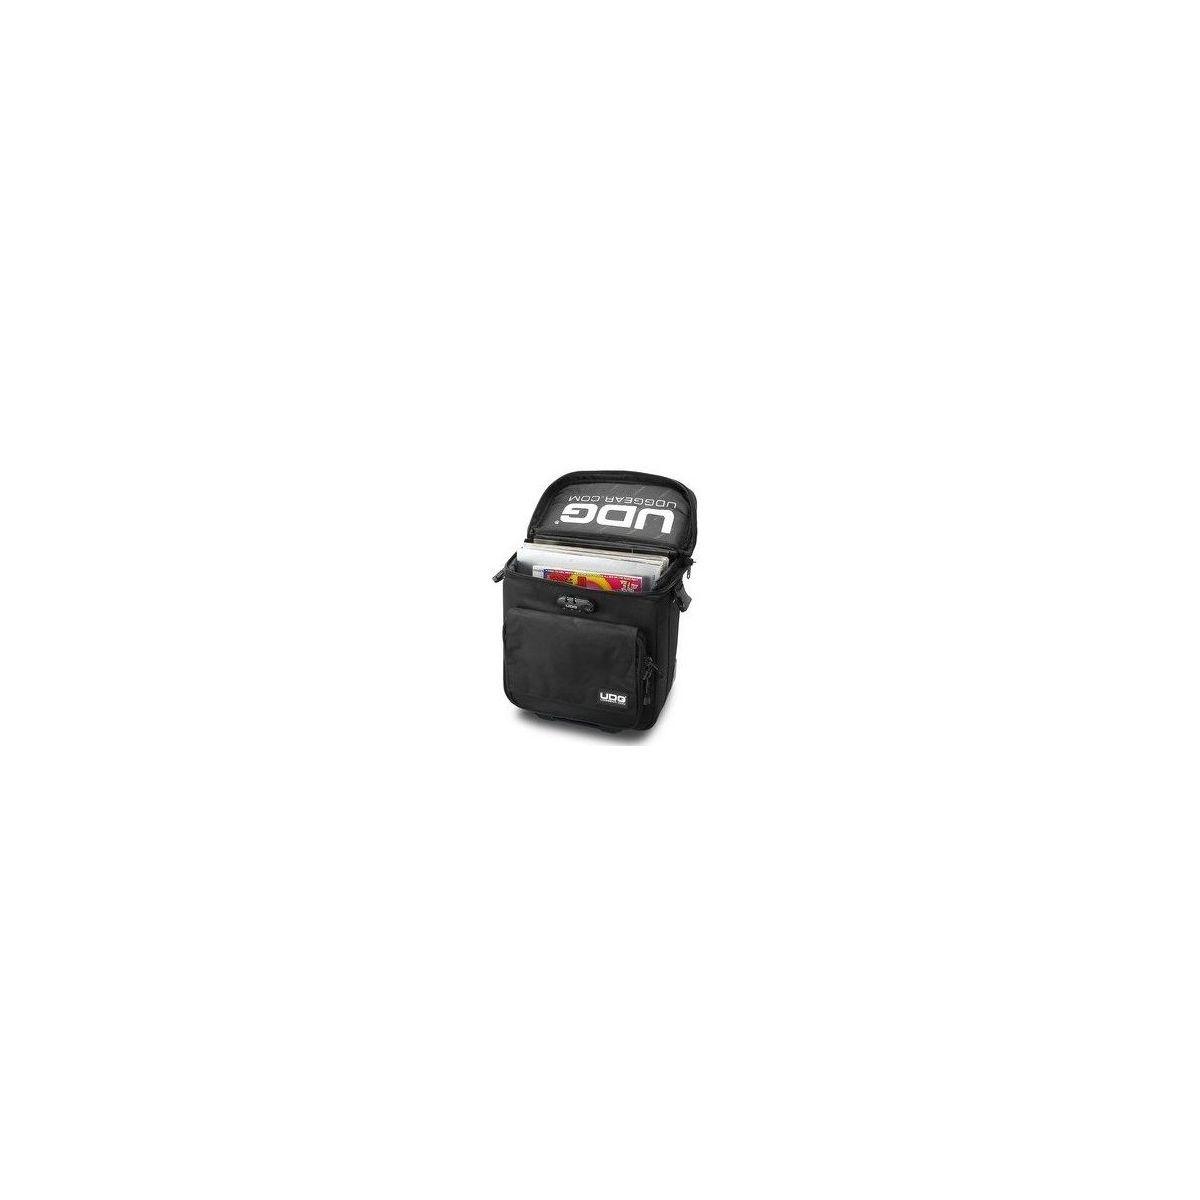 Sacs multimédia et accessoires - UDG - U9870BL